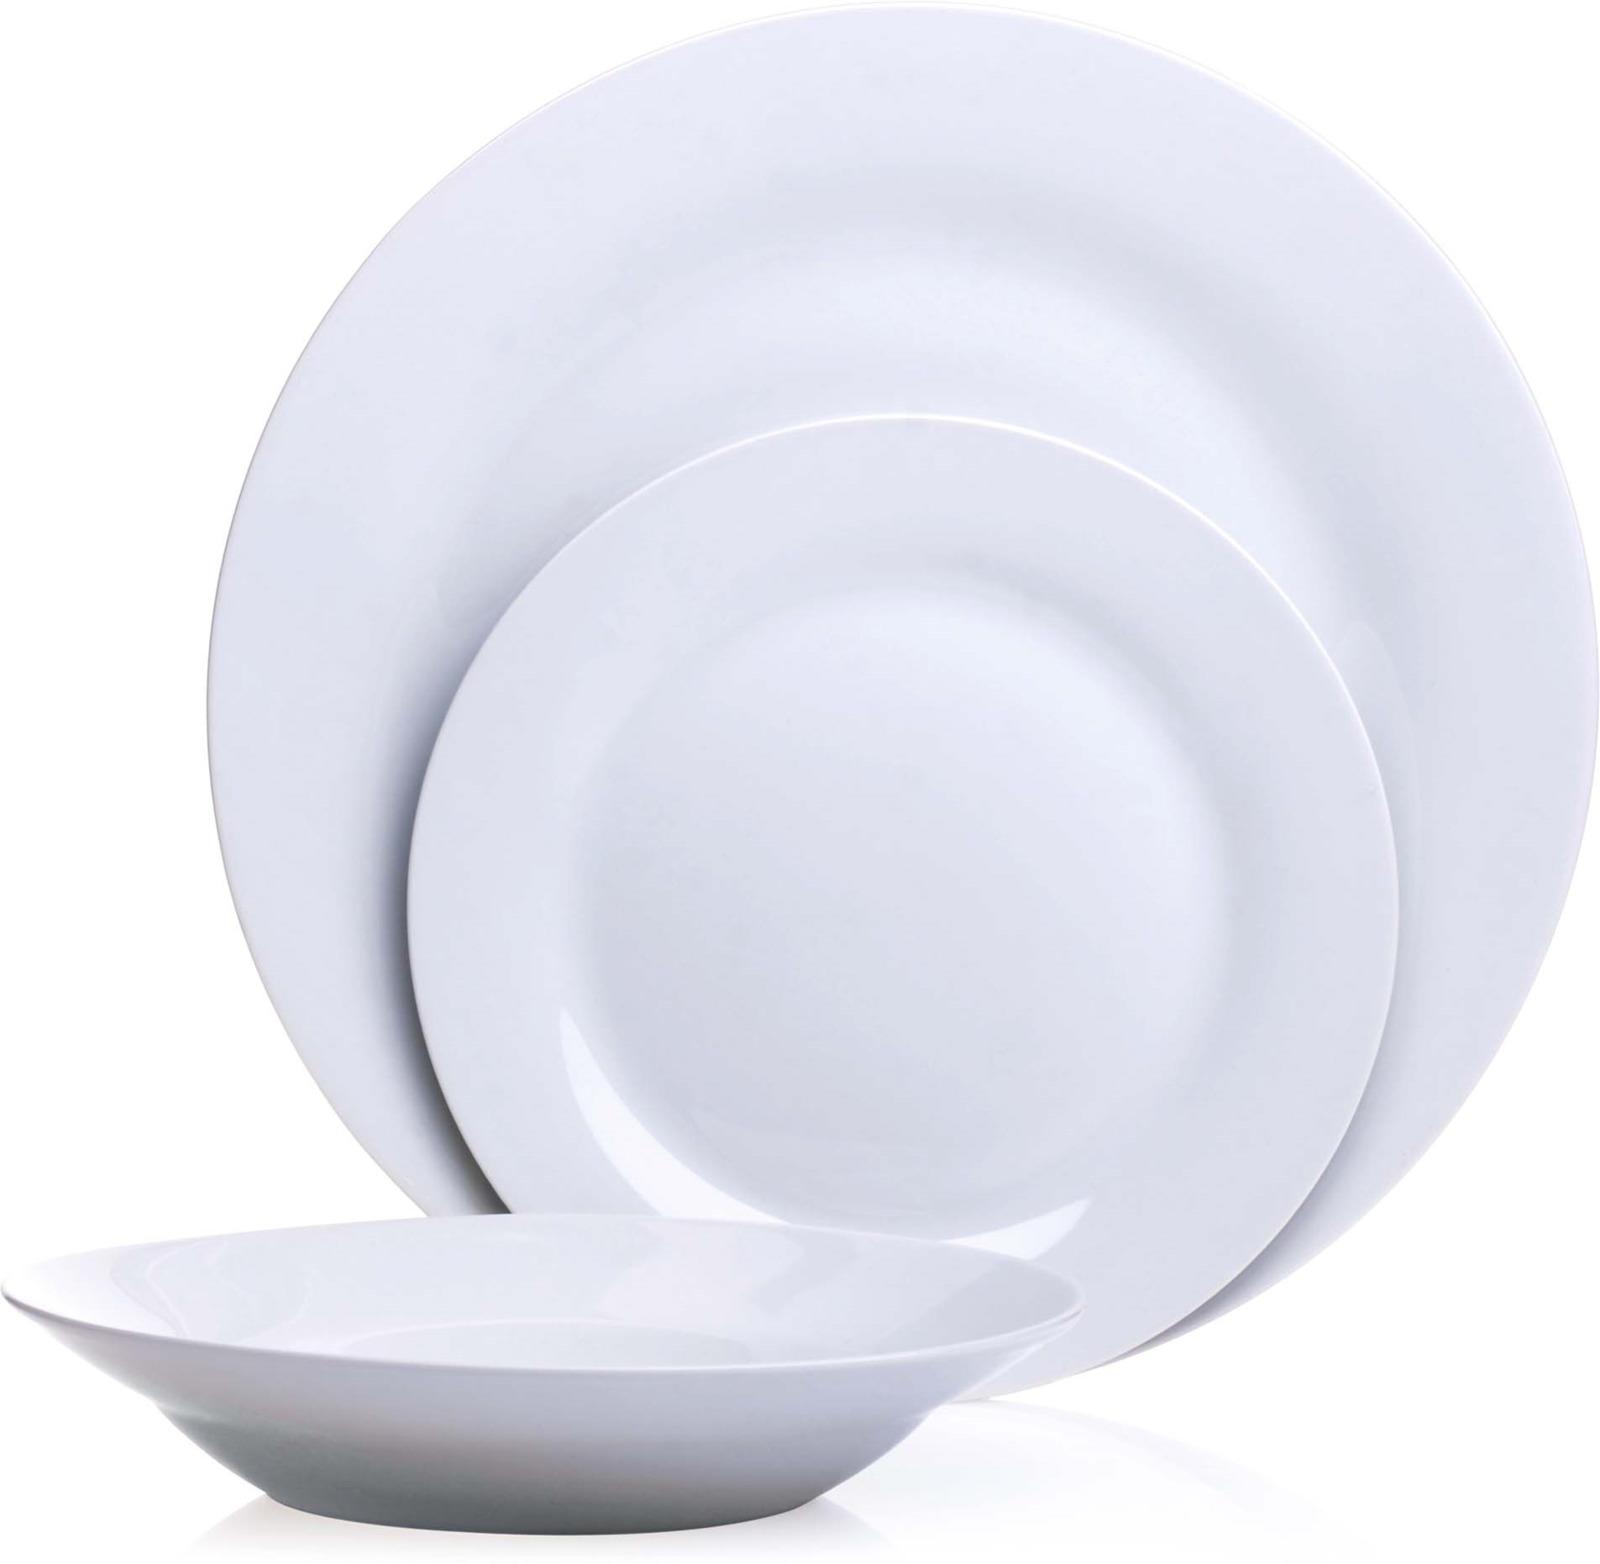 Сервиз обеденный Loraine, цвет: белый, 12 предметов. у4109